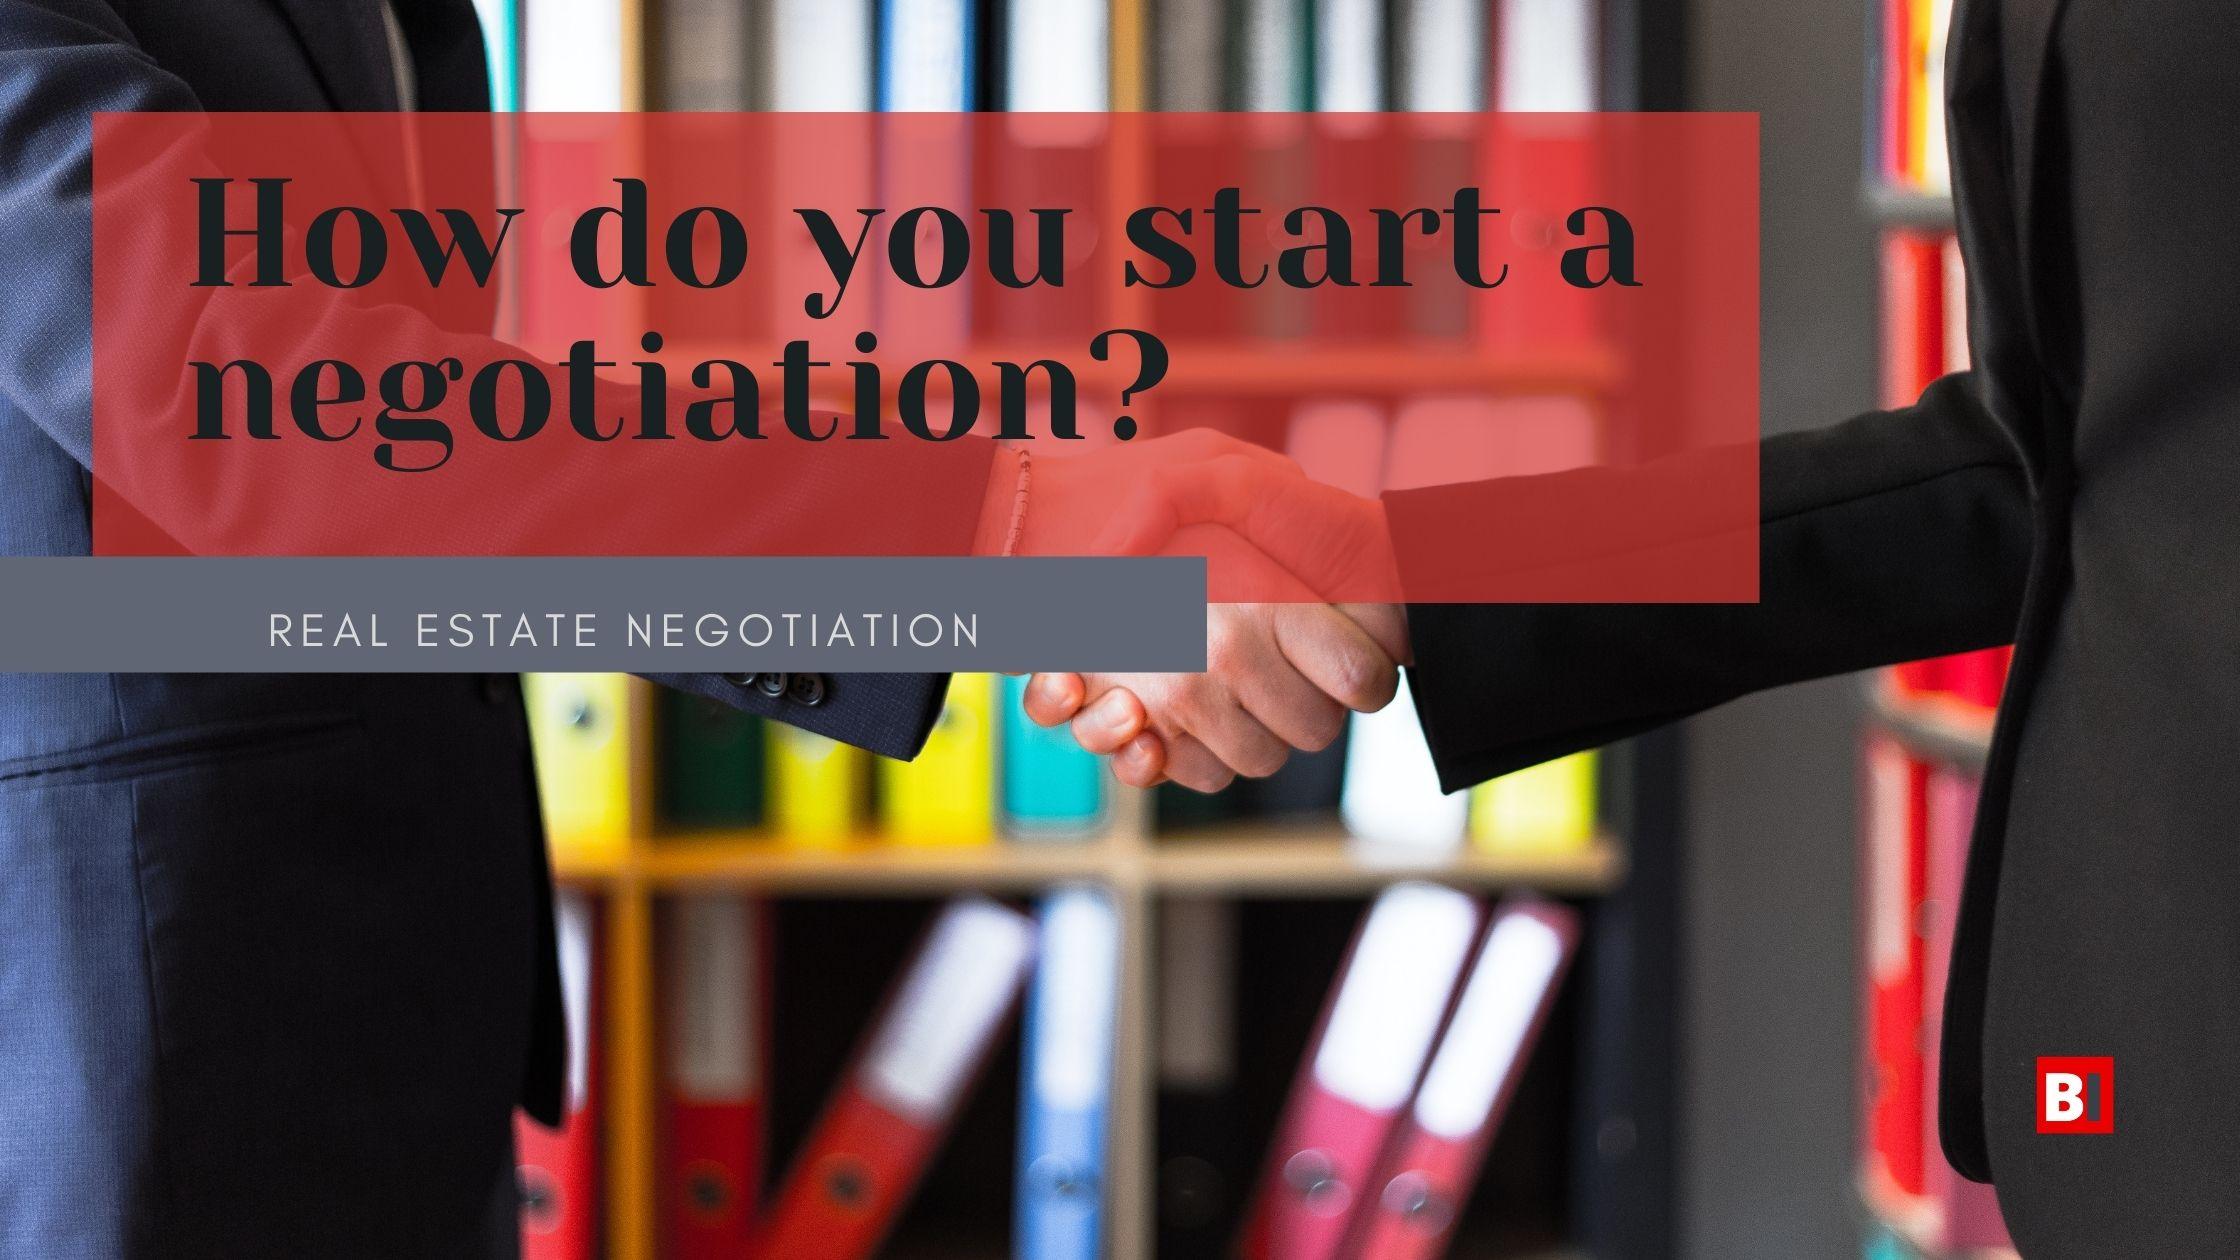 how do you start a negotiation?